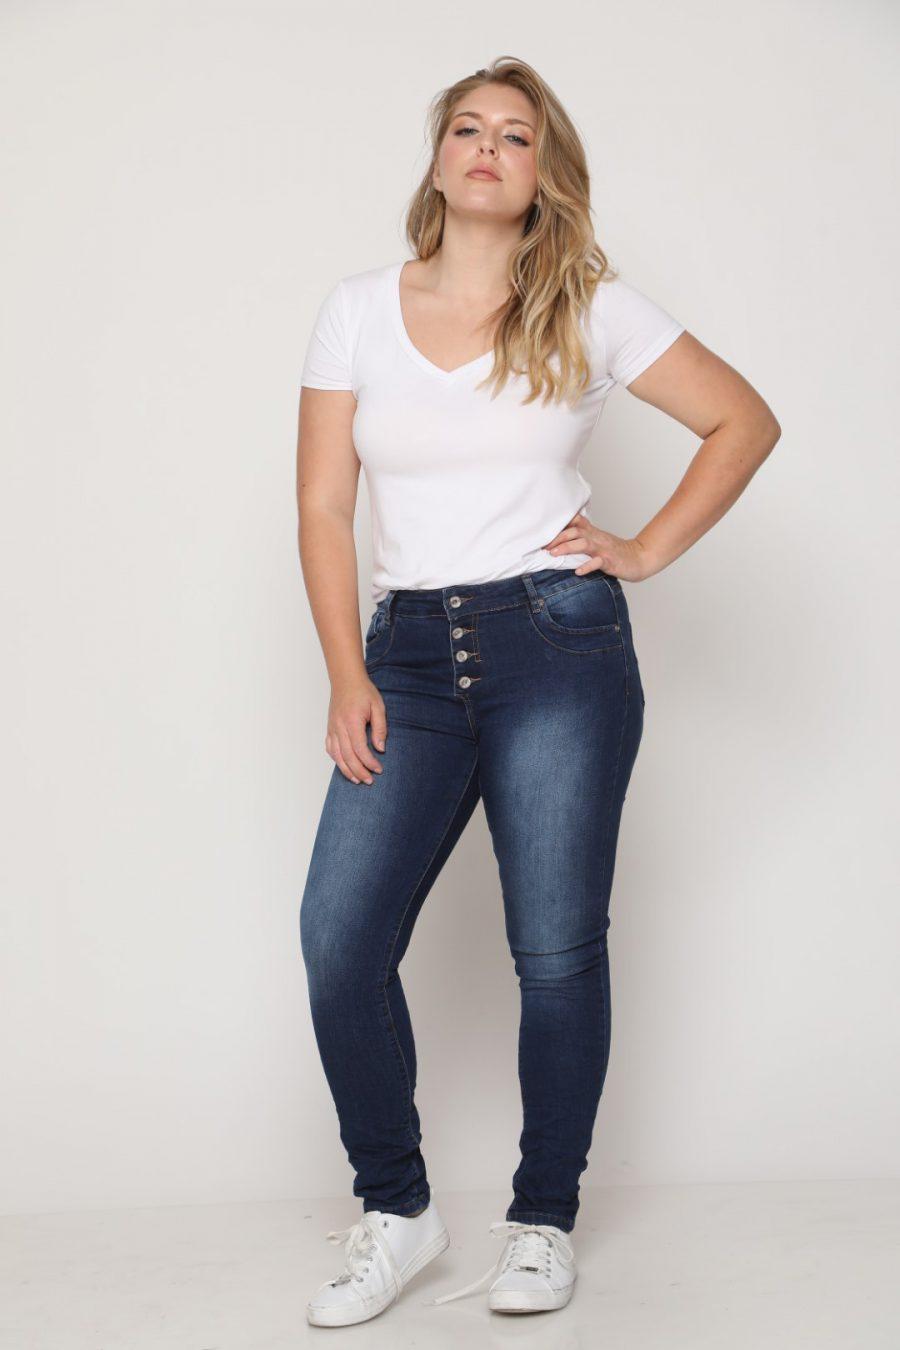 ג'ינס ווש כפתורים כהה